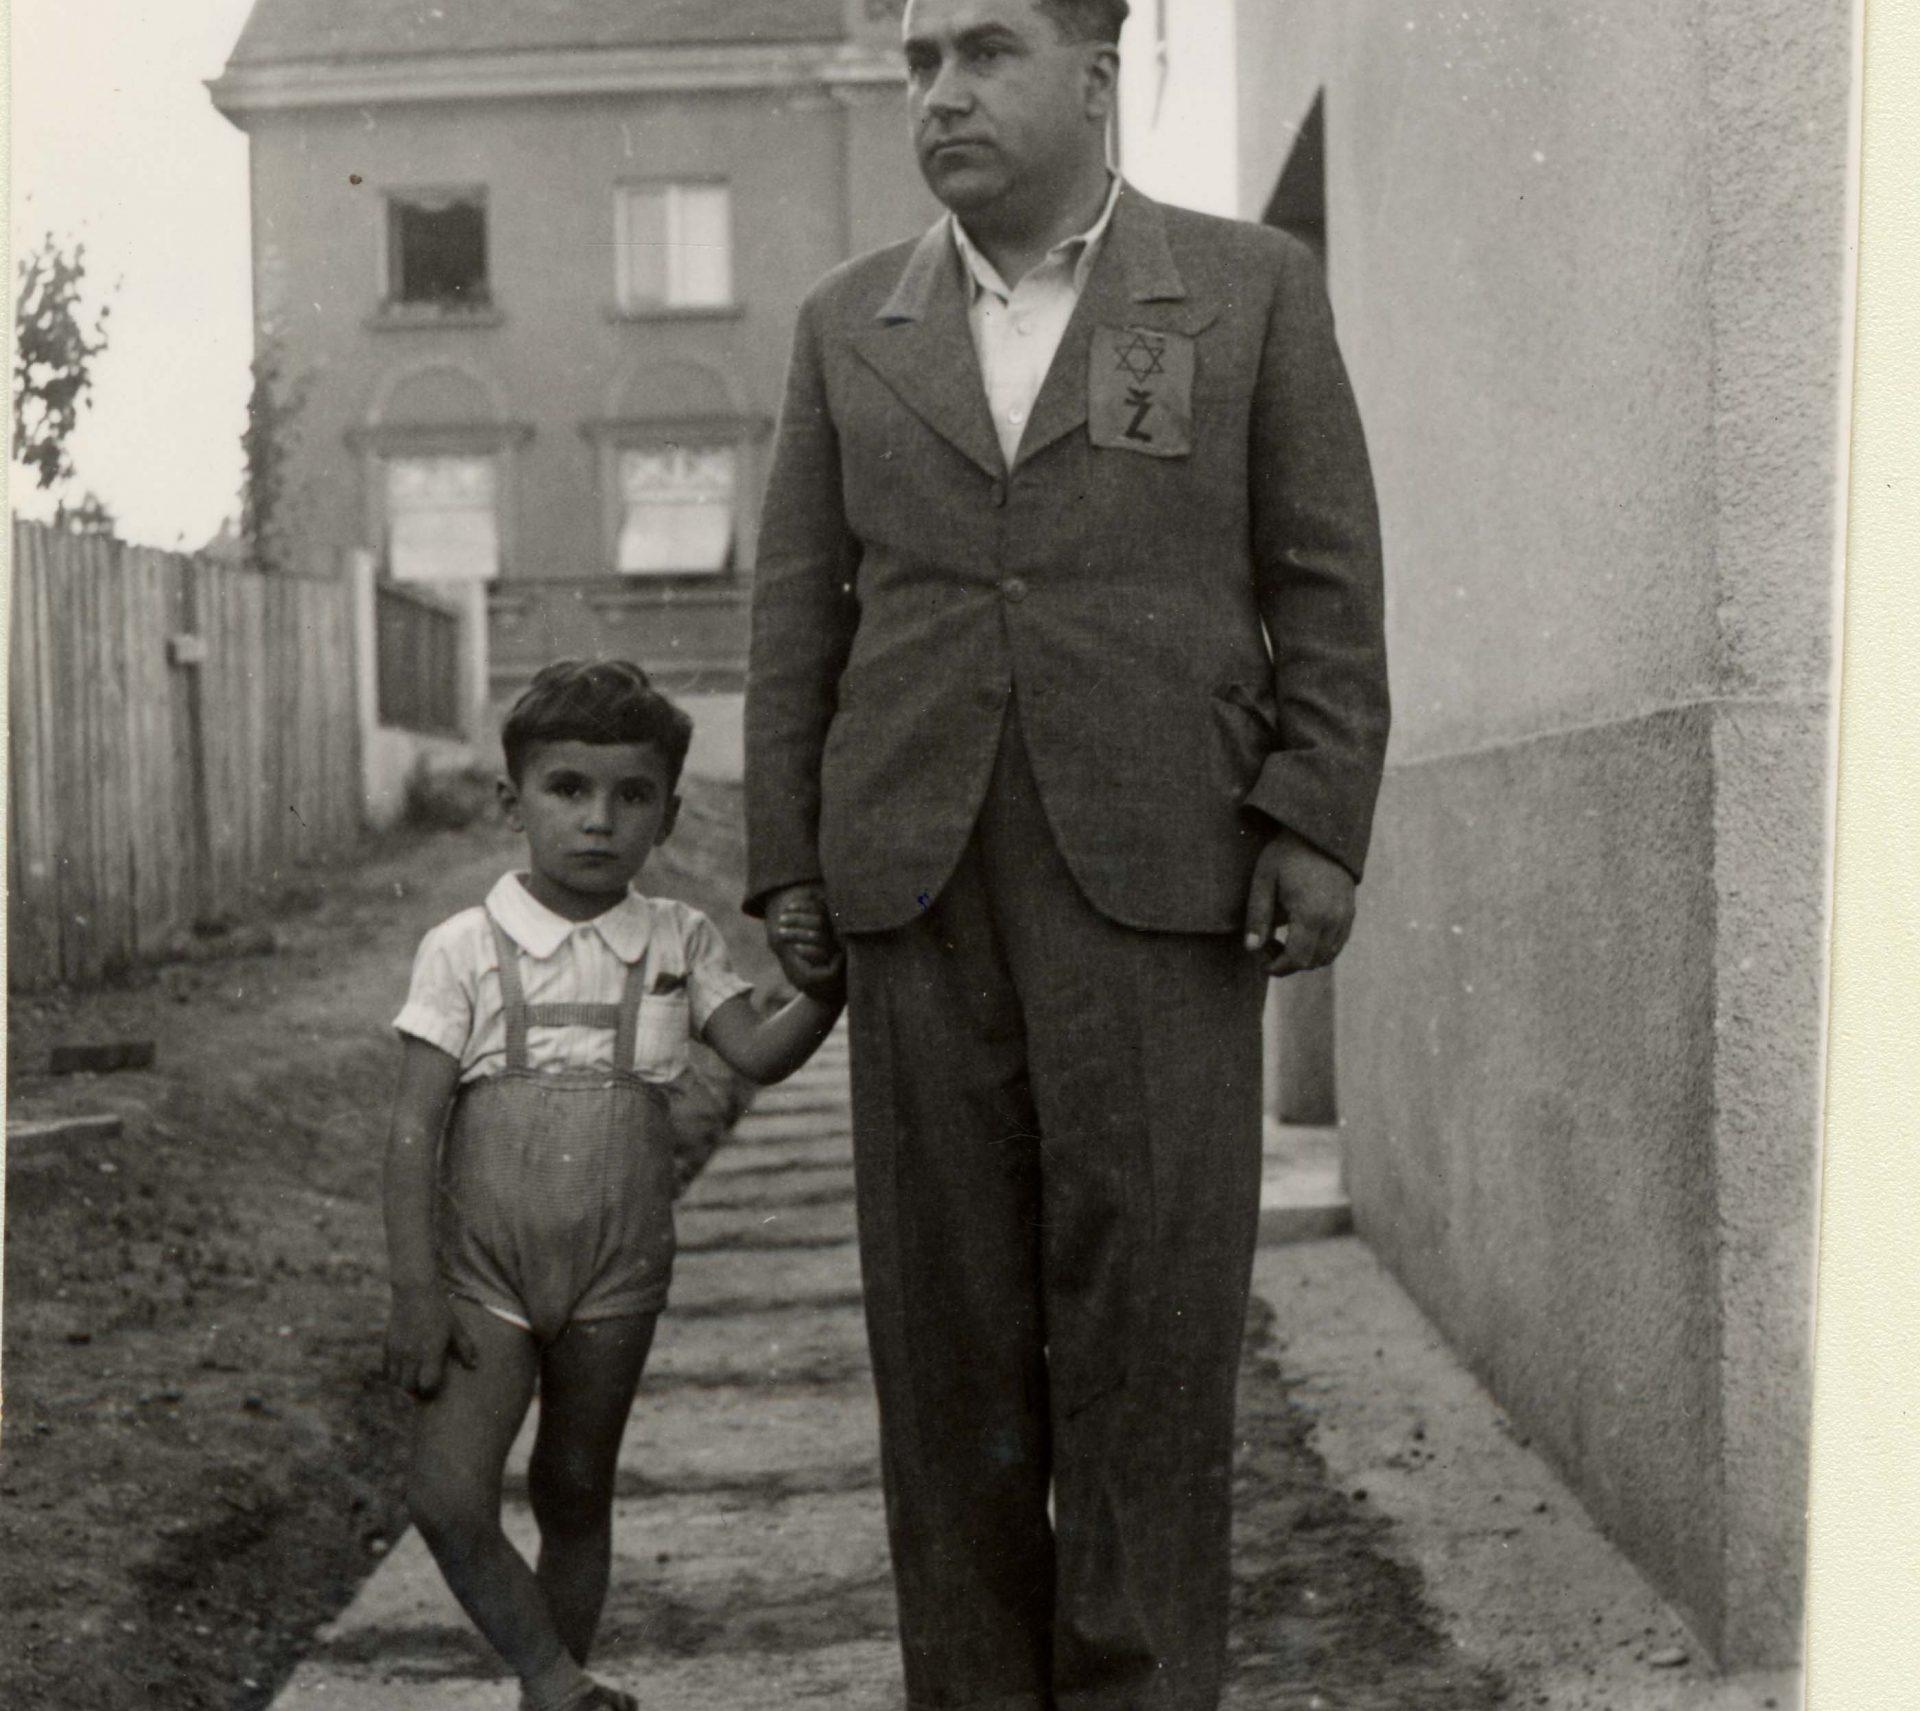 Emil Svarc et son père Djuro en 1941. Son père porte un badge jaune avec un Z pour Zidov, ''Juif'' en croate.